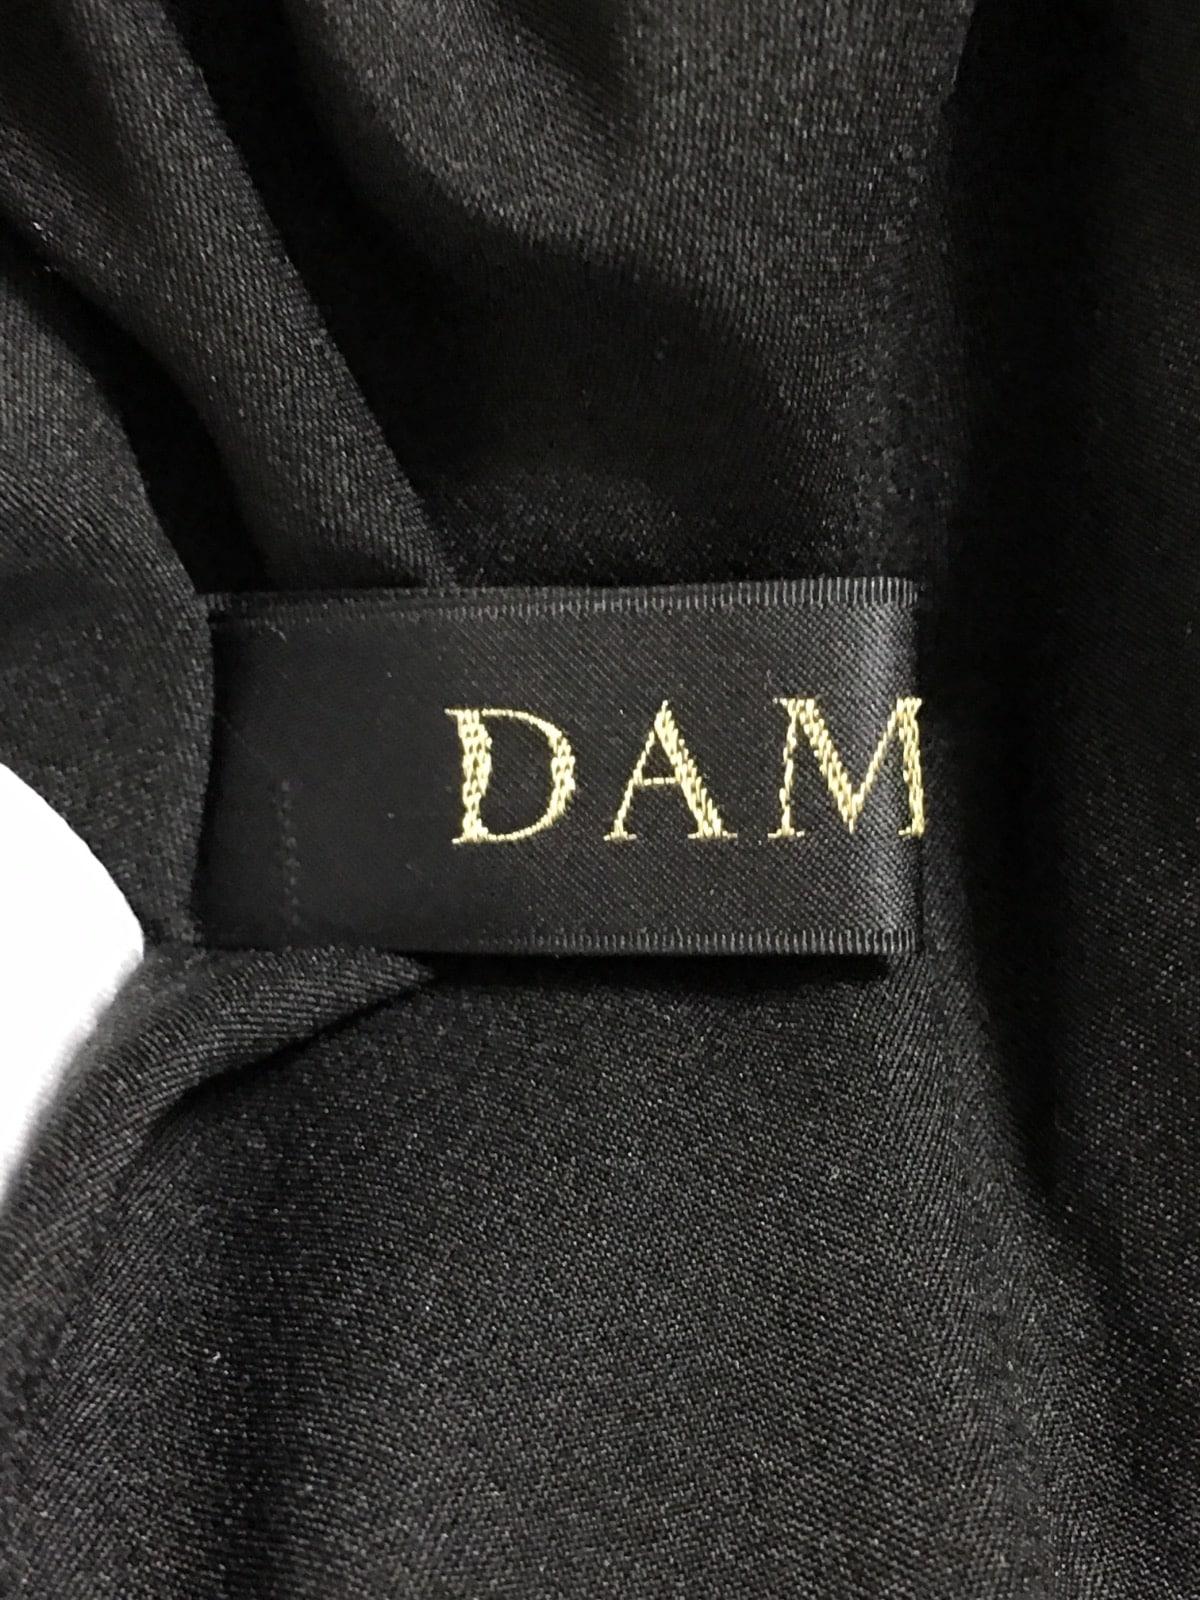 DAMAcollection(ダーマコレクション)のダウンジャケット